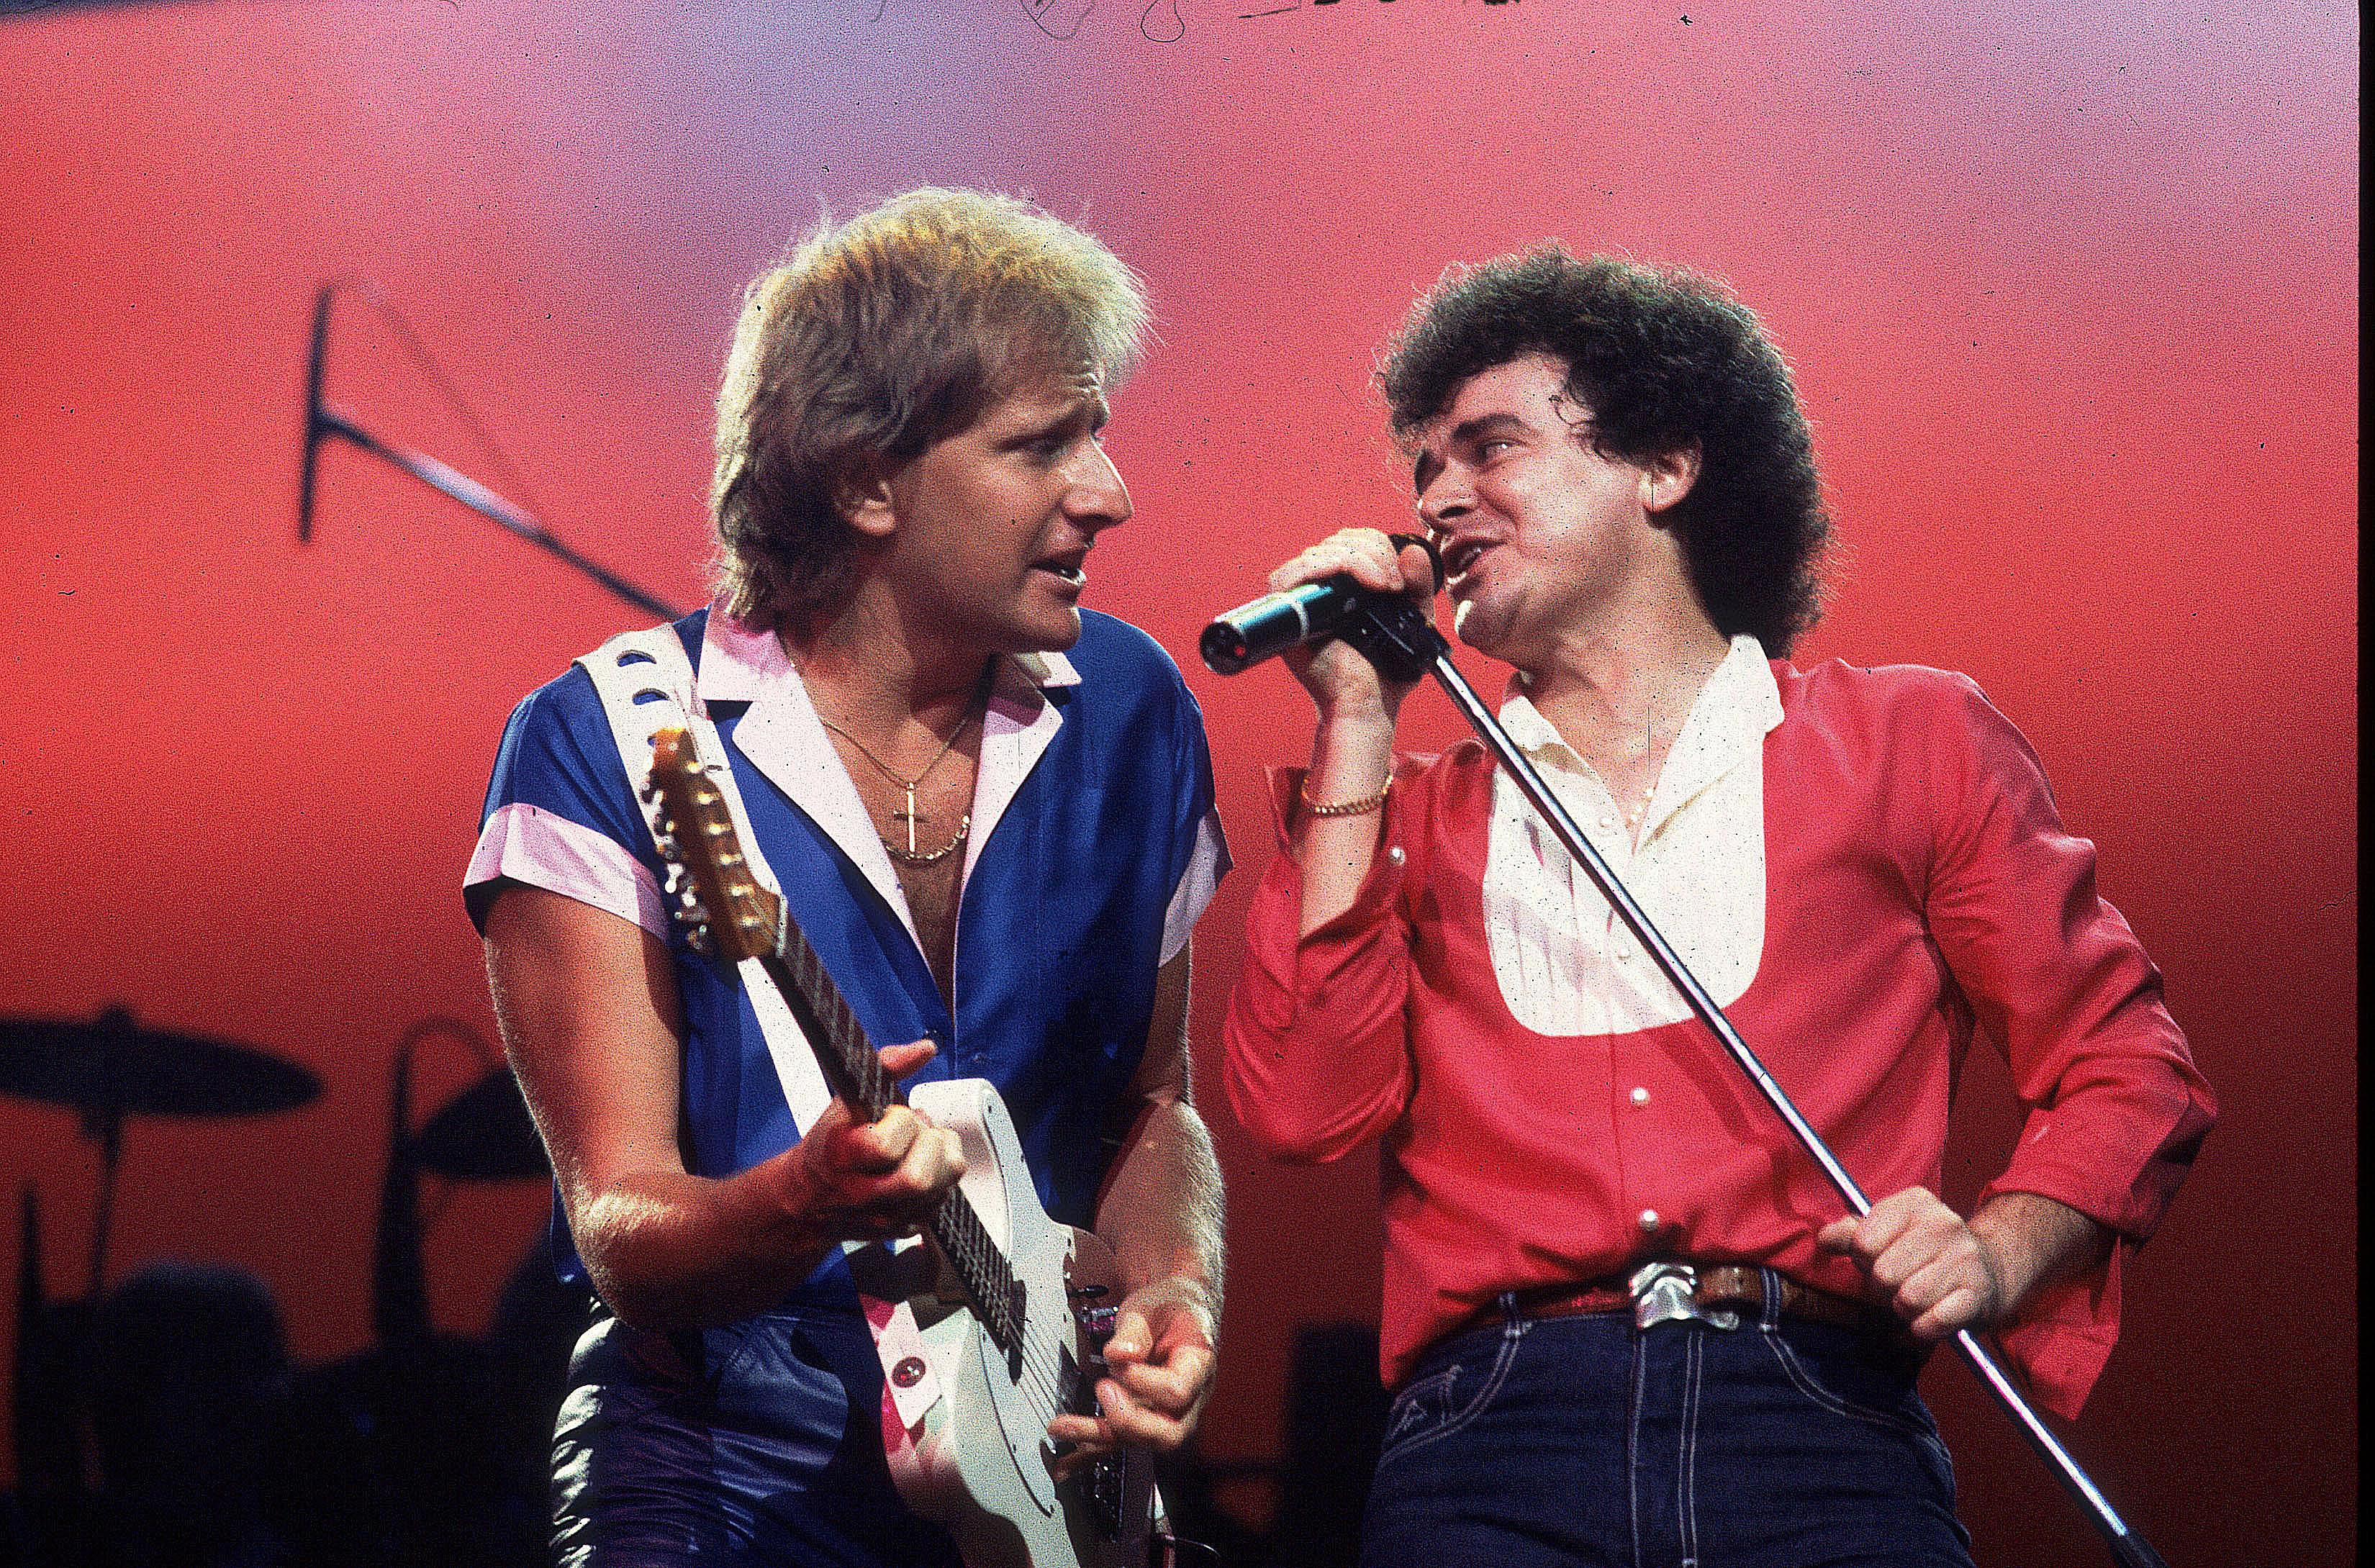 Ilmansyöttö kiertueella Yhdysvalloissa vuonna 1983 (Graham Russell (l) ja Russell Hitchcock).